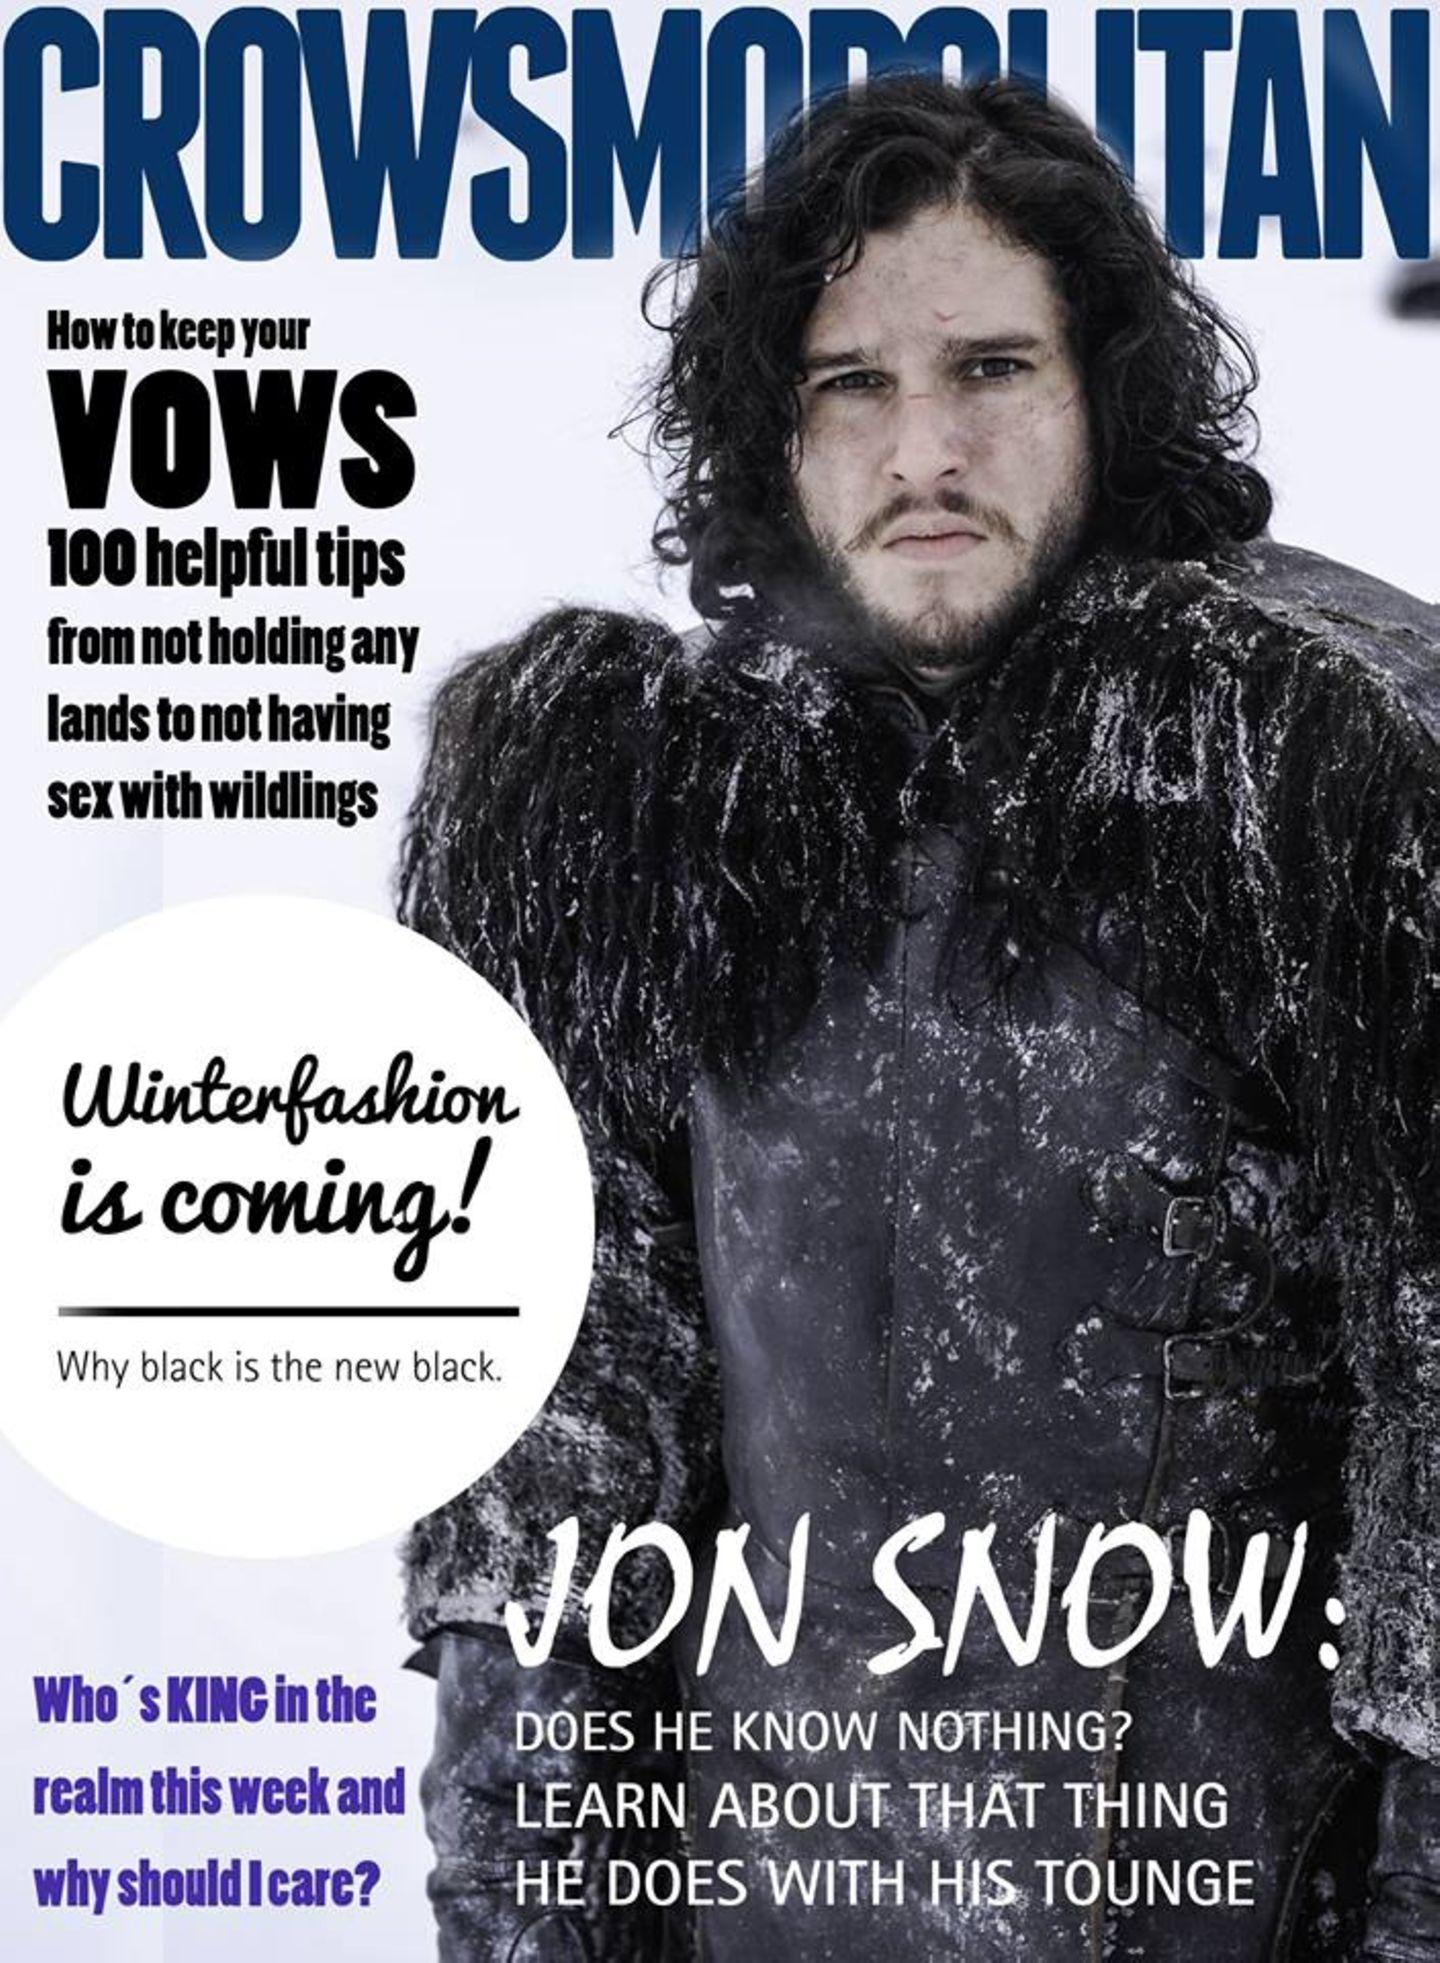 Jon Snow sieht ohnehin schon aus wie ein etwas verfrorener Boygroup-Frontman und passt daher bestens aufs Magazin-Cover.